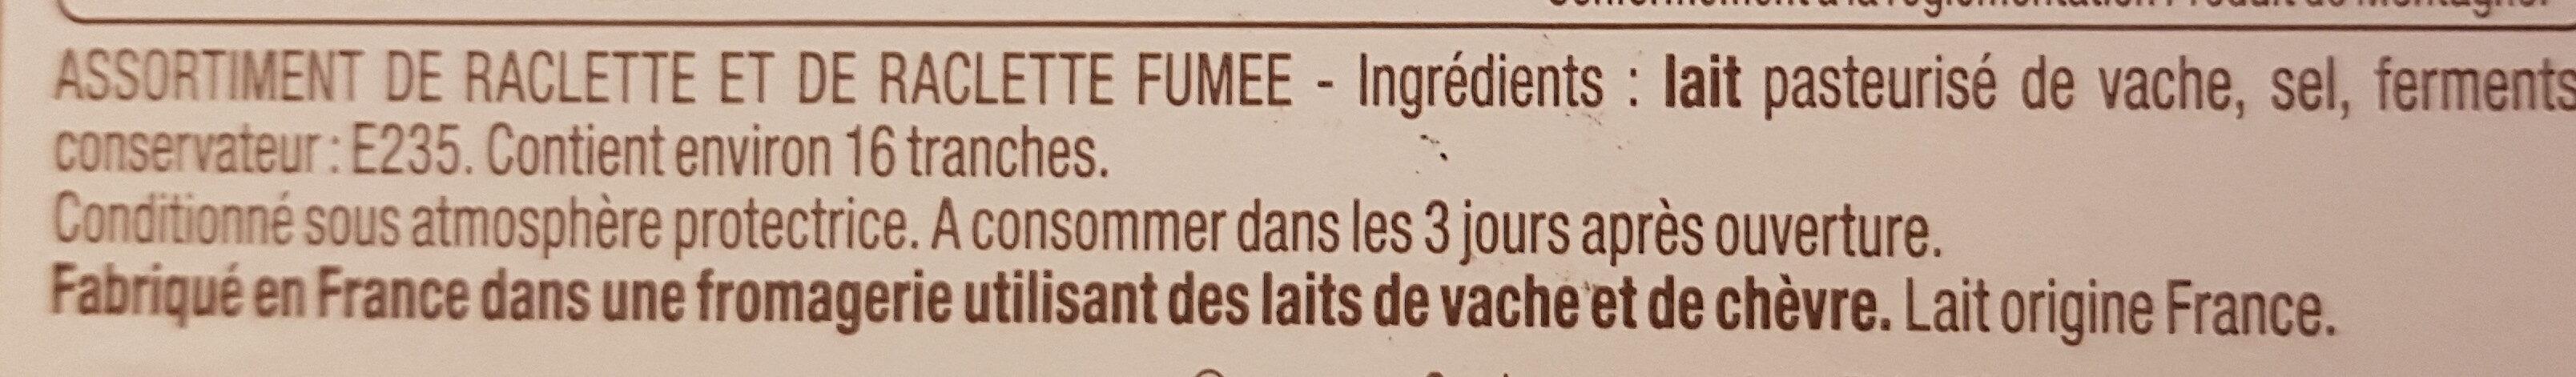 Fromage à raclette Classique & Fumée - Ingrédients - fr